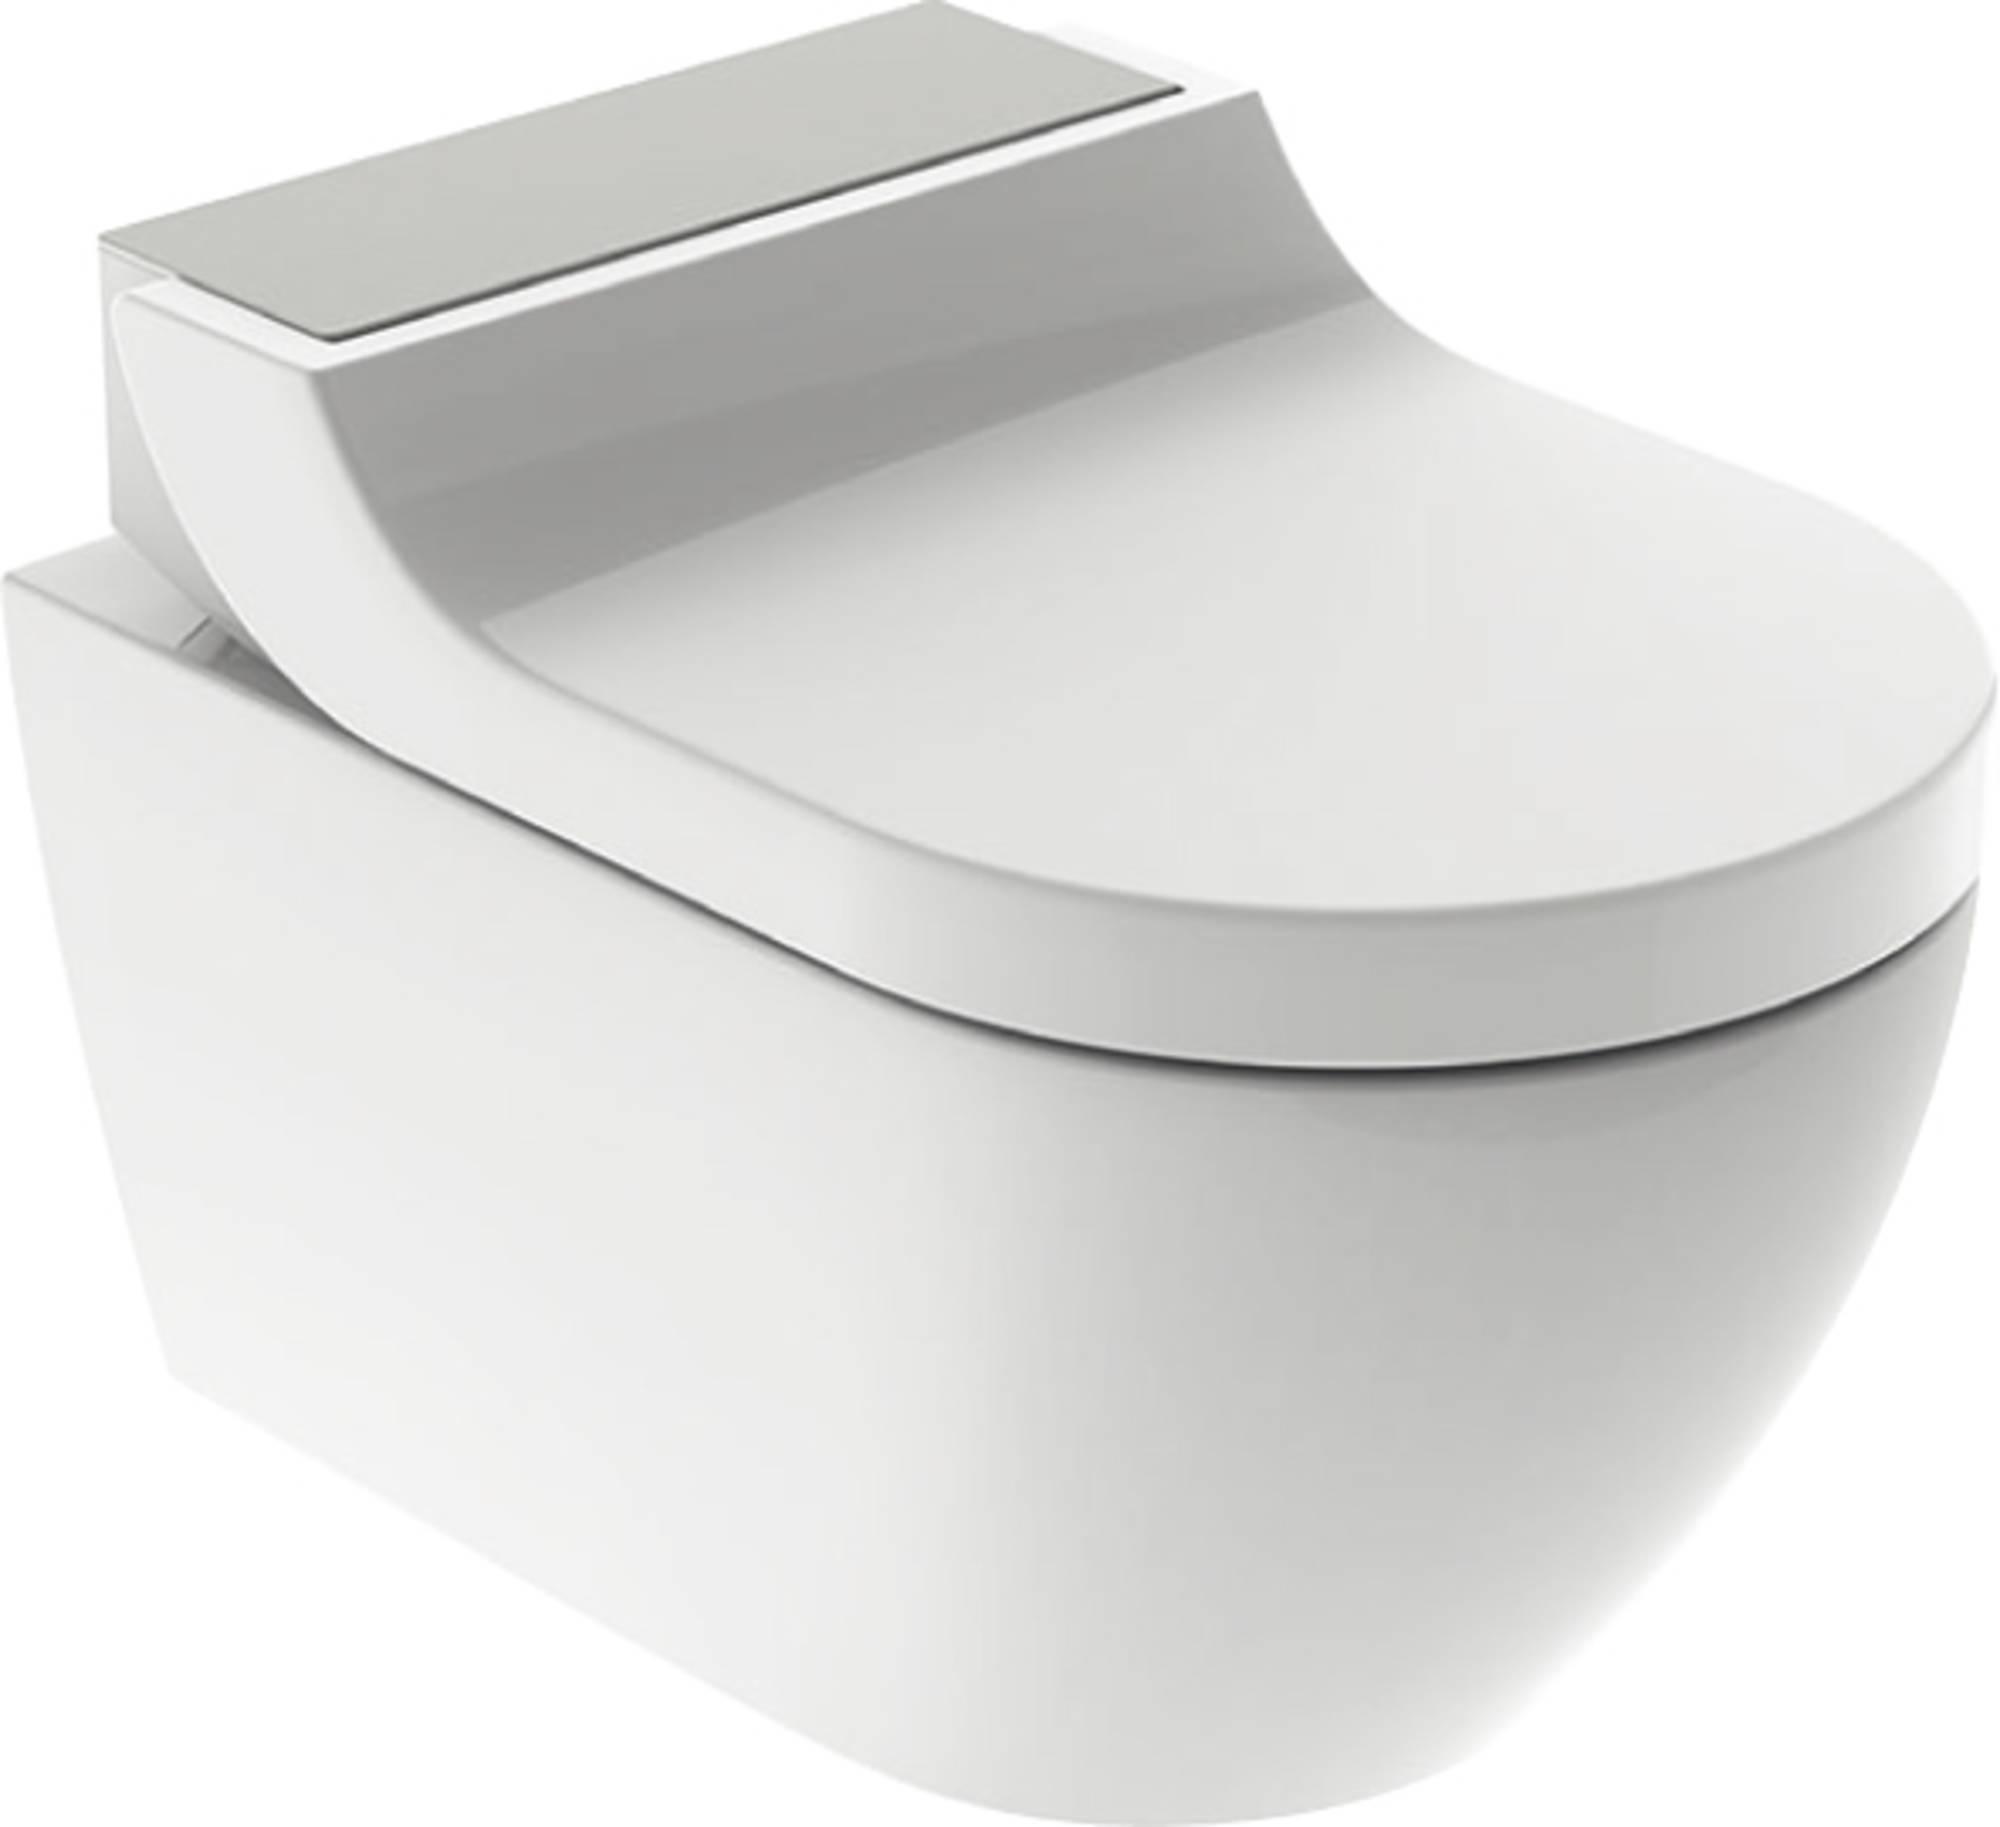 Productafbeelding van Douche WC Geberit AquaClean Tuma Comfort Compleet Rimfree Geborsteld RVS